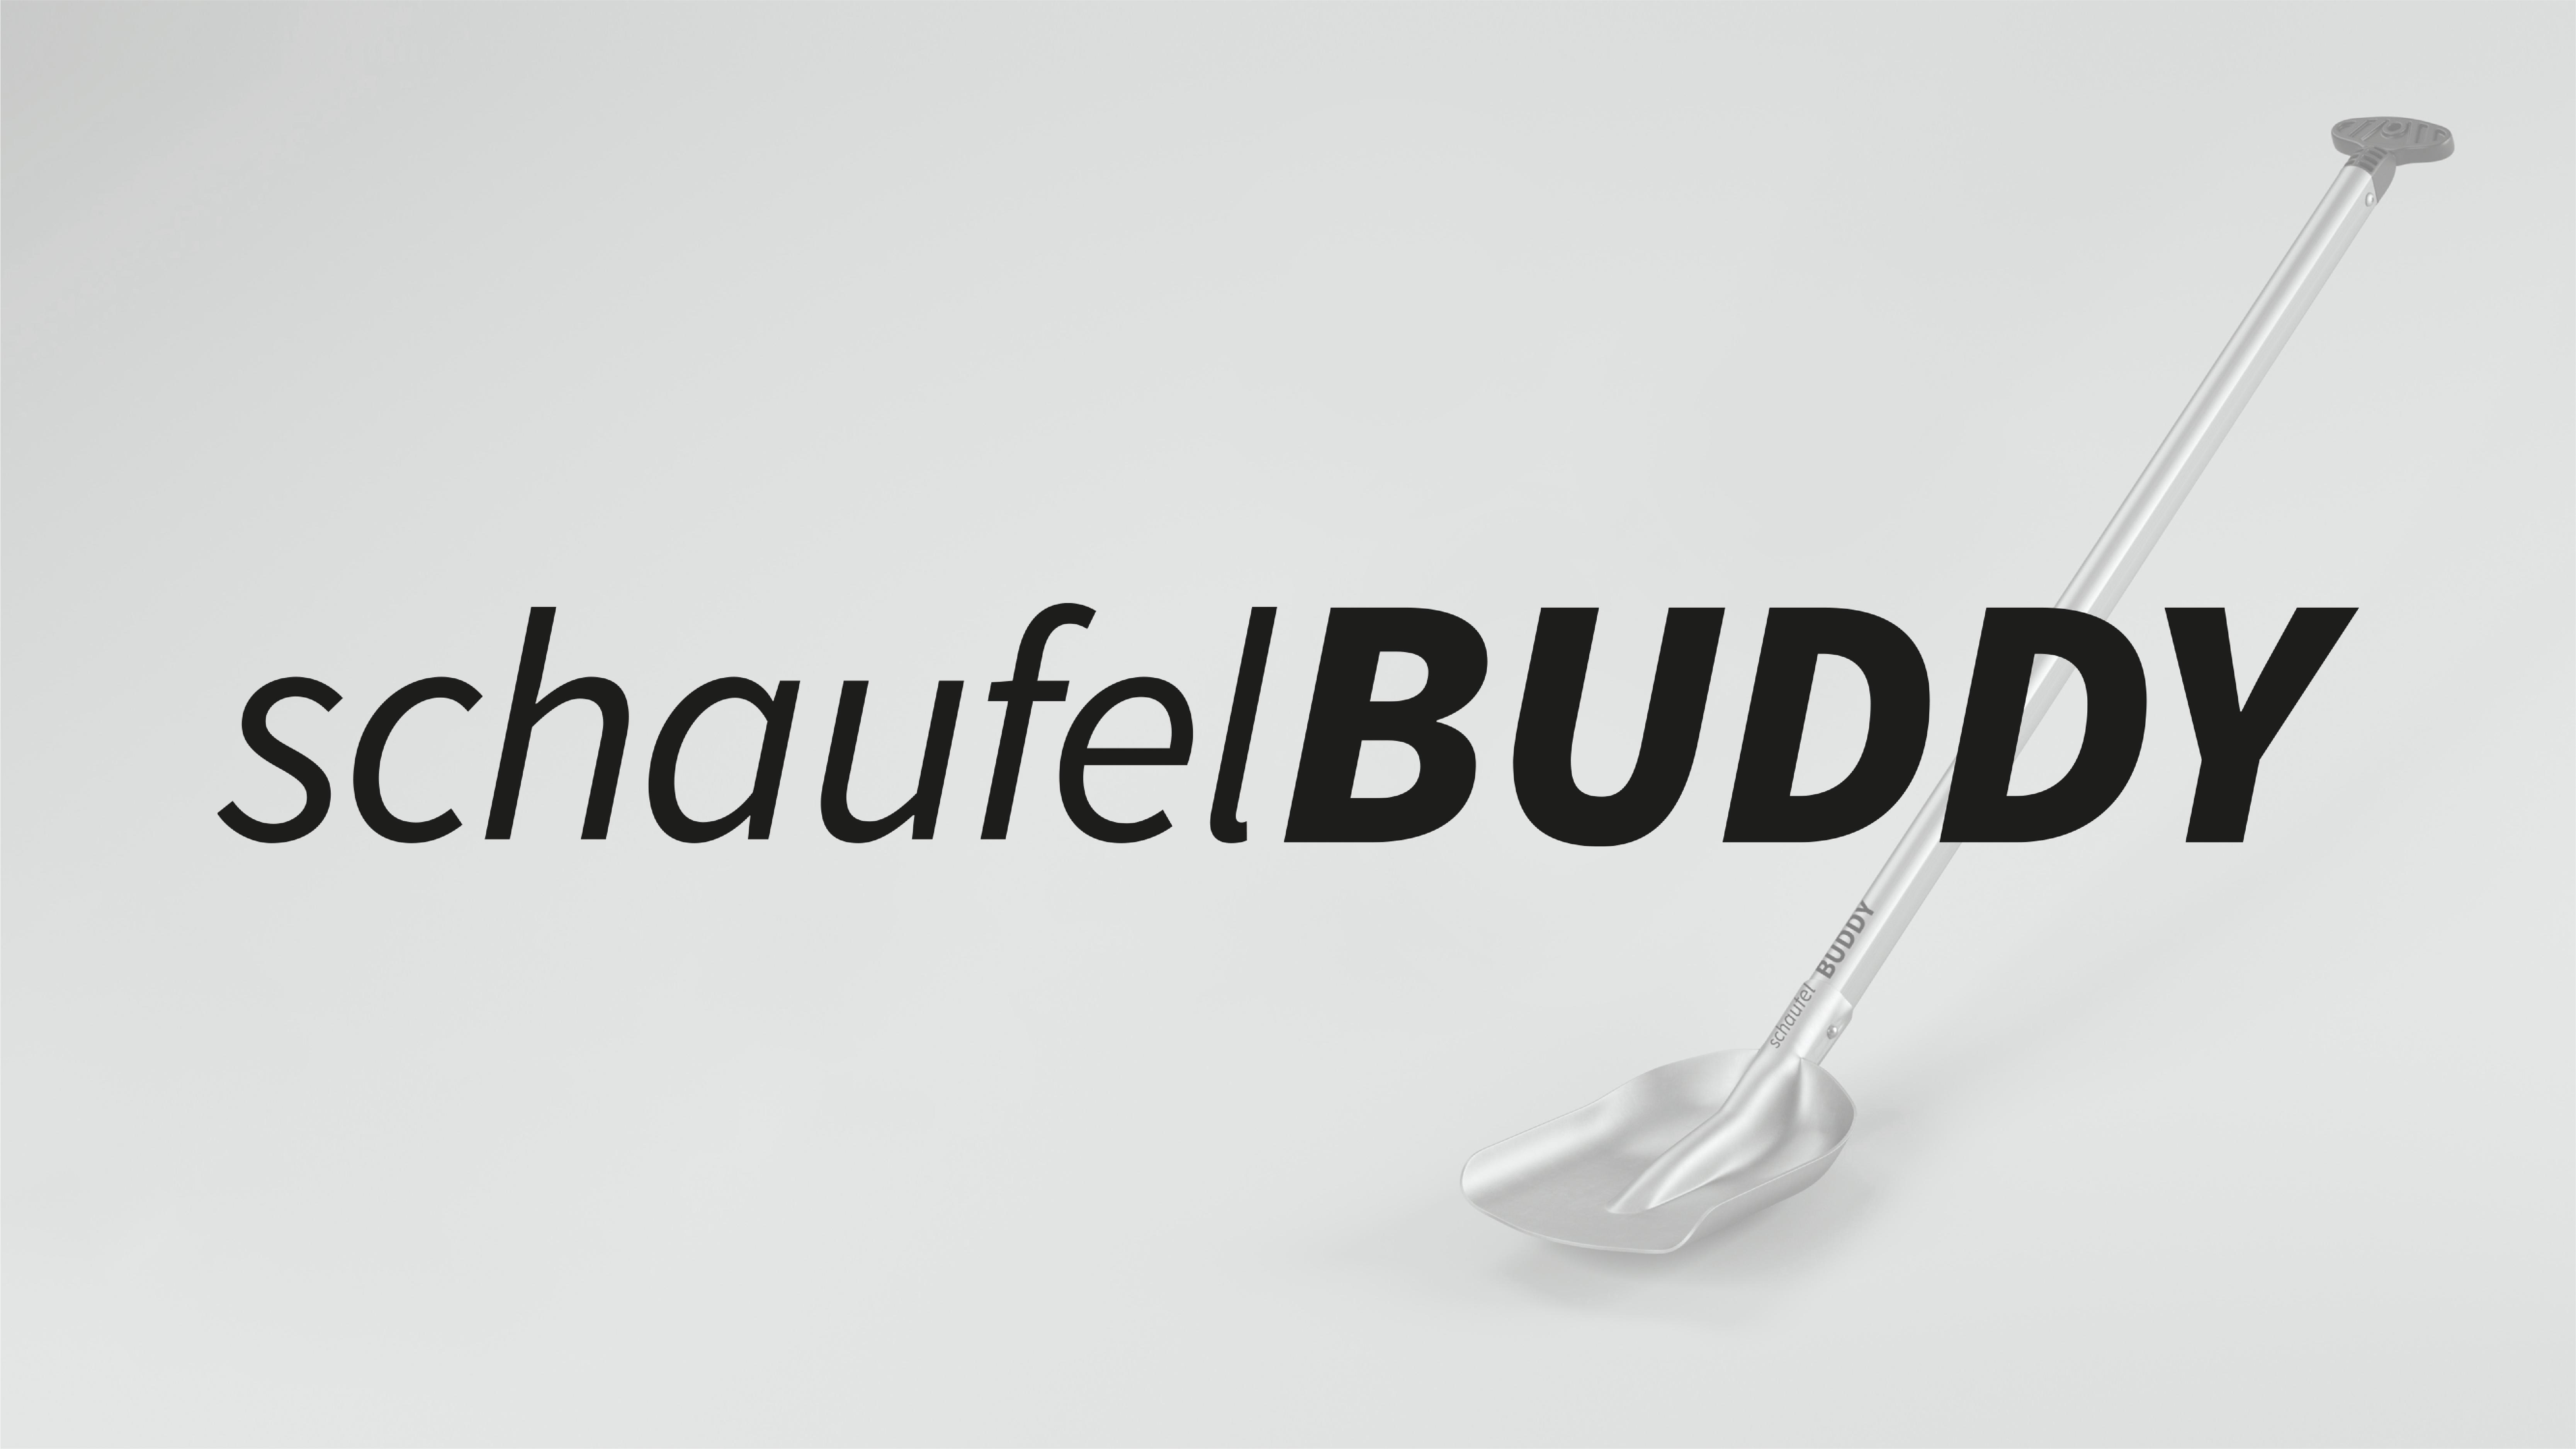 Schafelbuddy_Logo-17